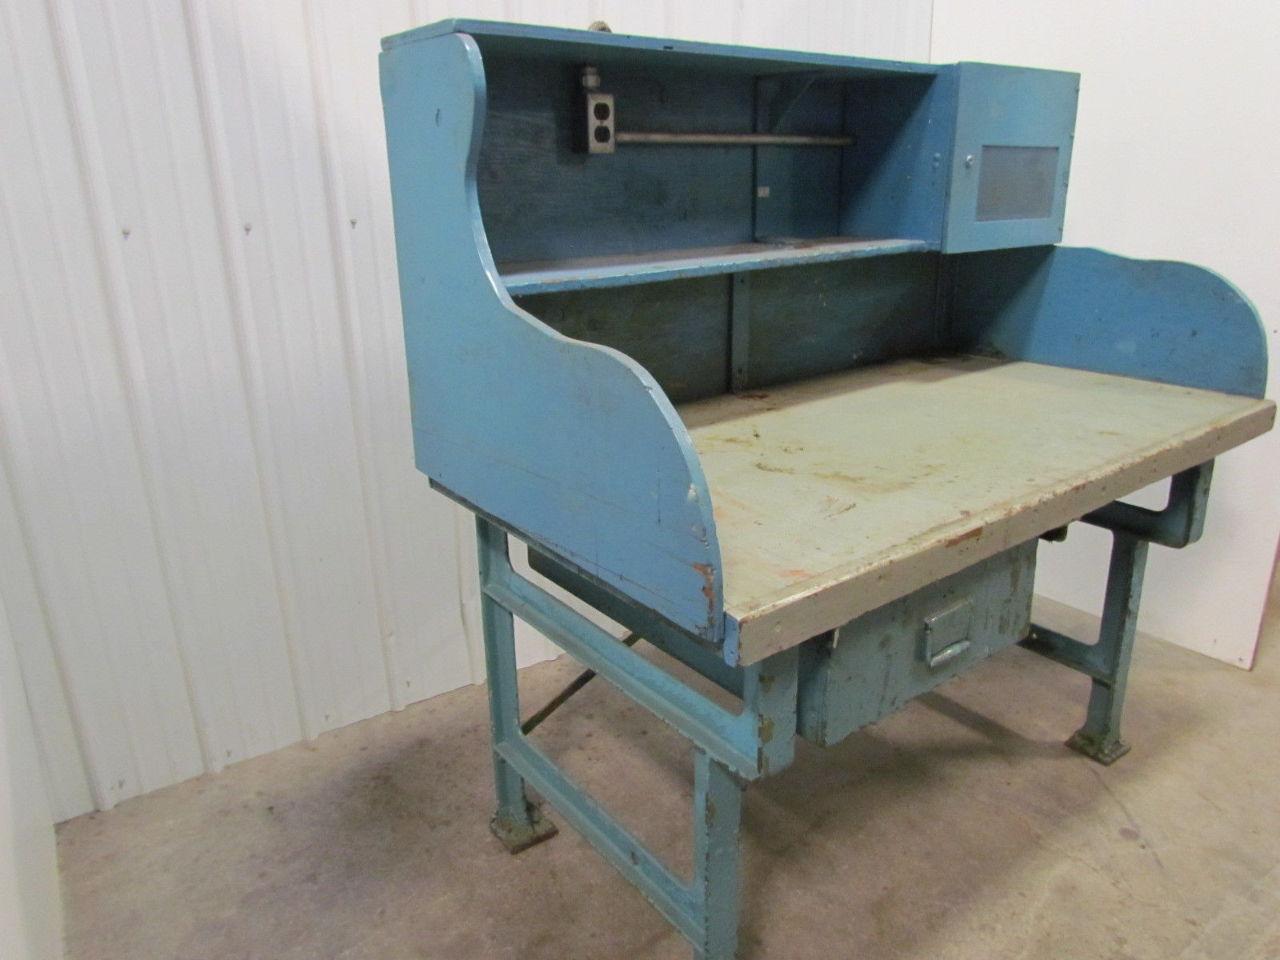 Vintage Industrial Heavy Duty Workbench Desk Butcher Block